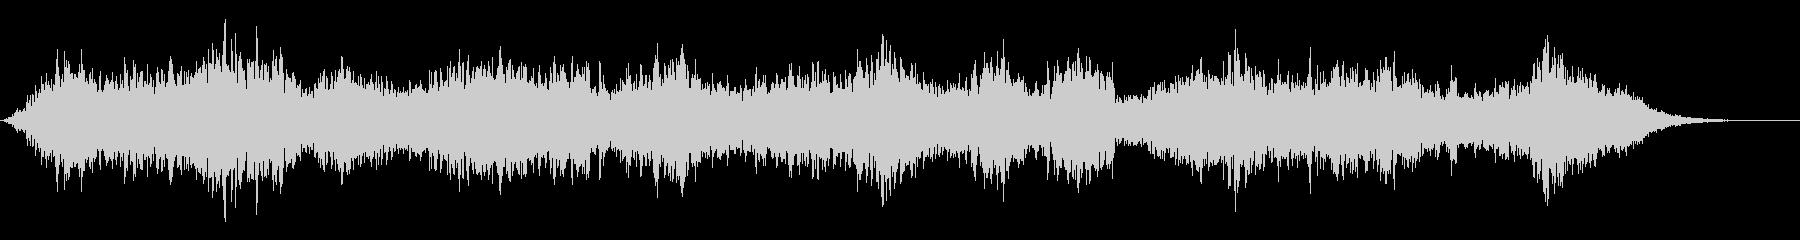 擬似人声音を逆再生したかのような音の未再生の波形